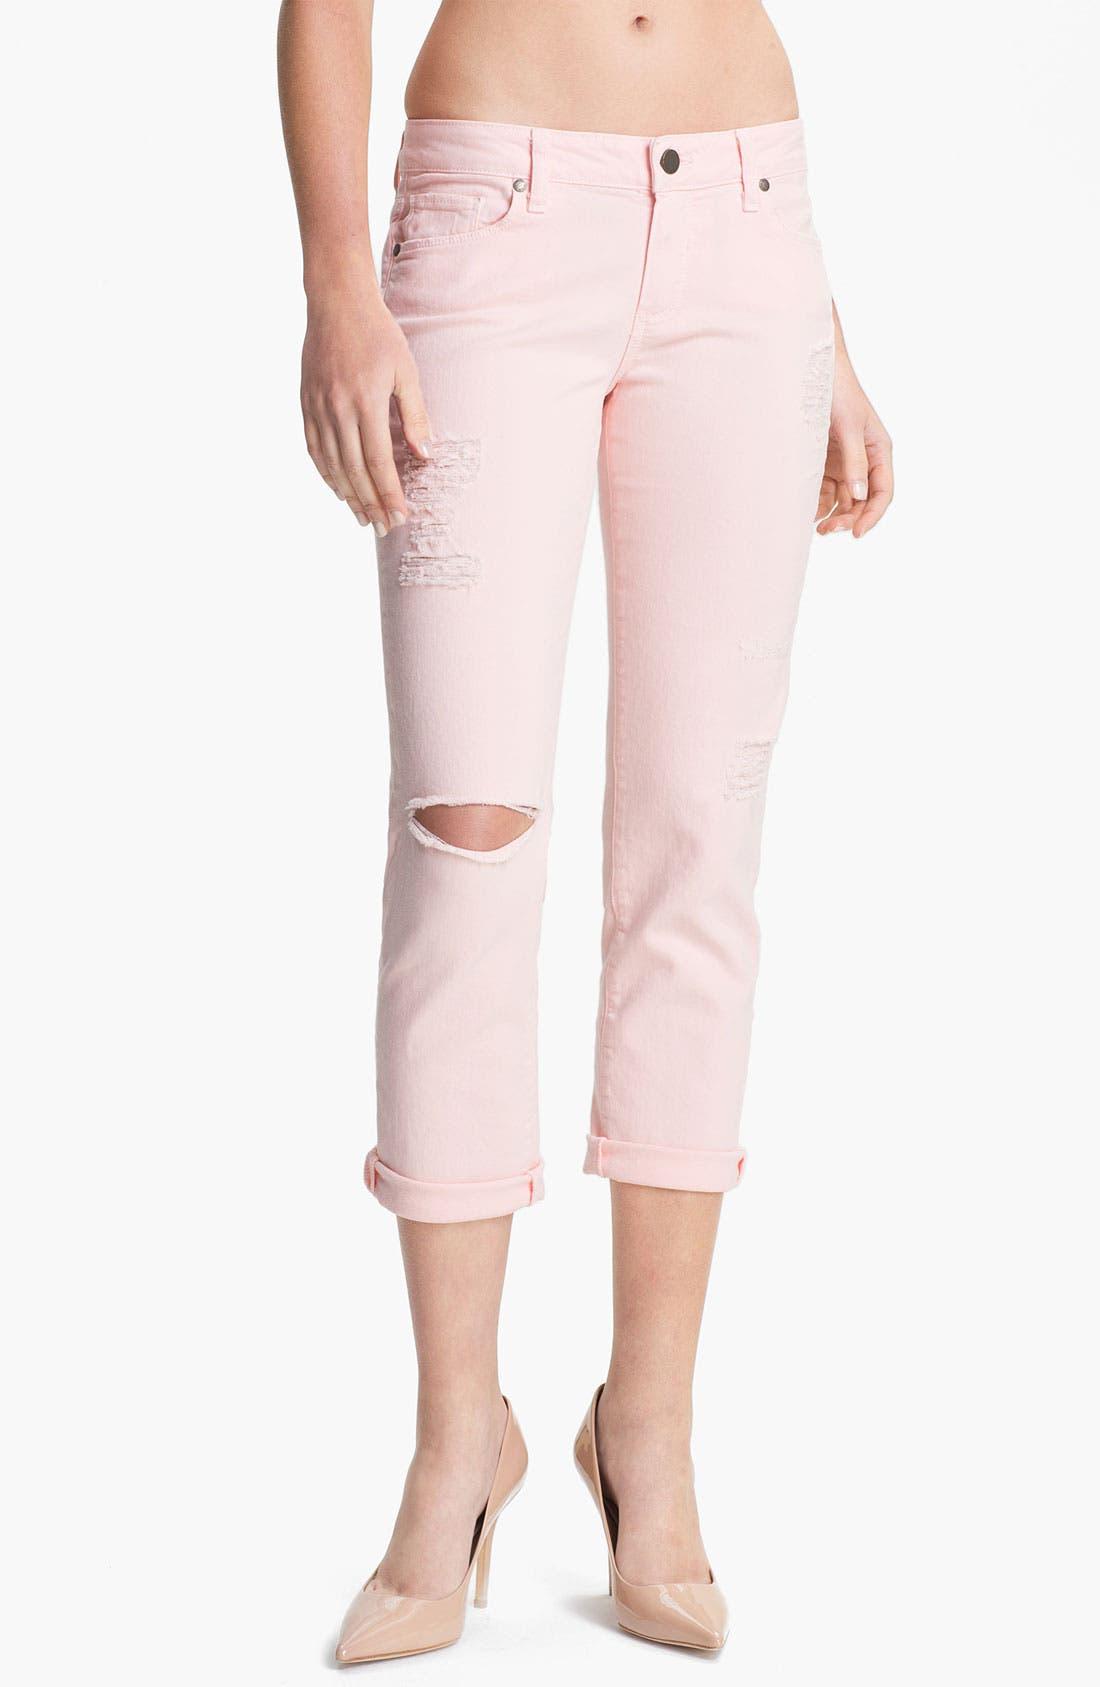 Alternate Image 1 Selected - Paige Denim 'James' Destroyed Crop Jeans (Blossom Deconstruction)